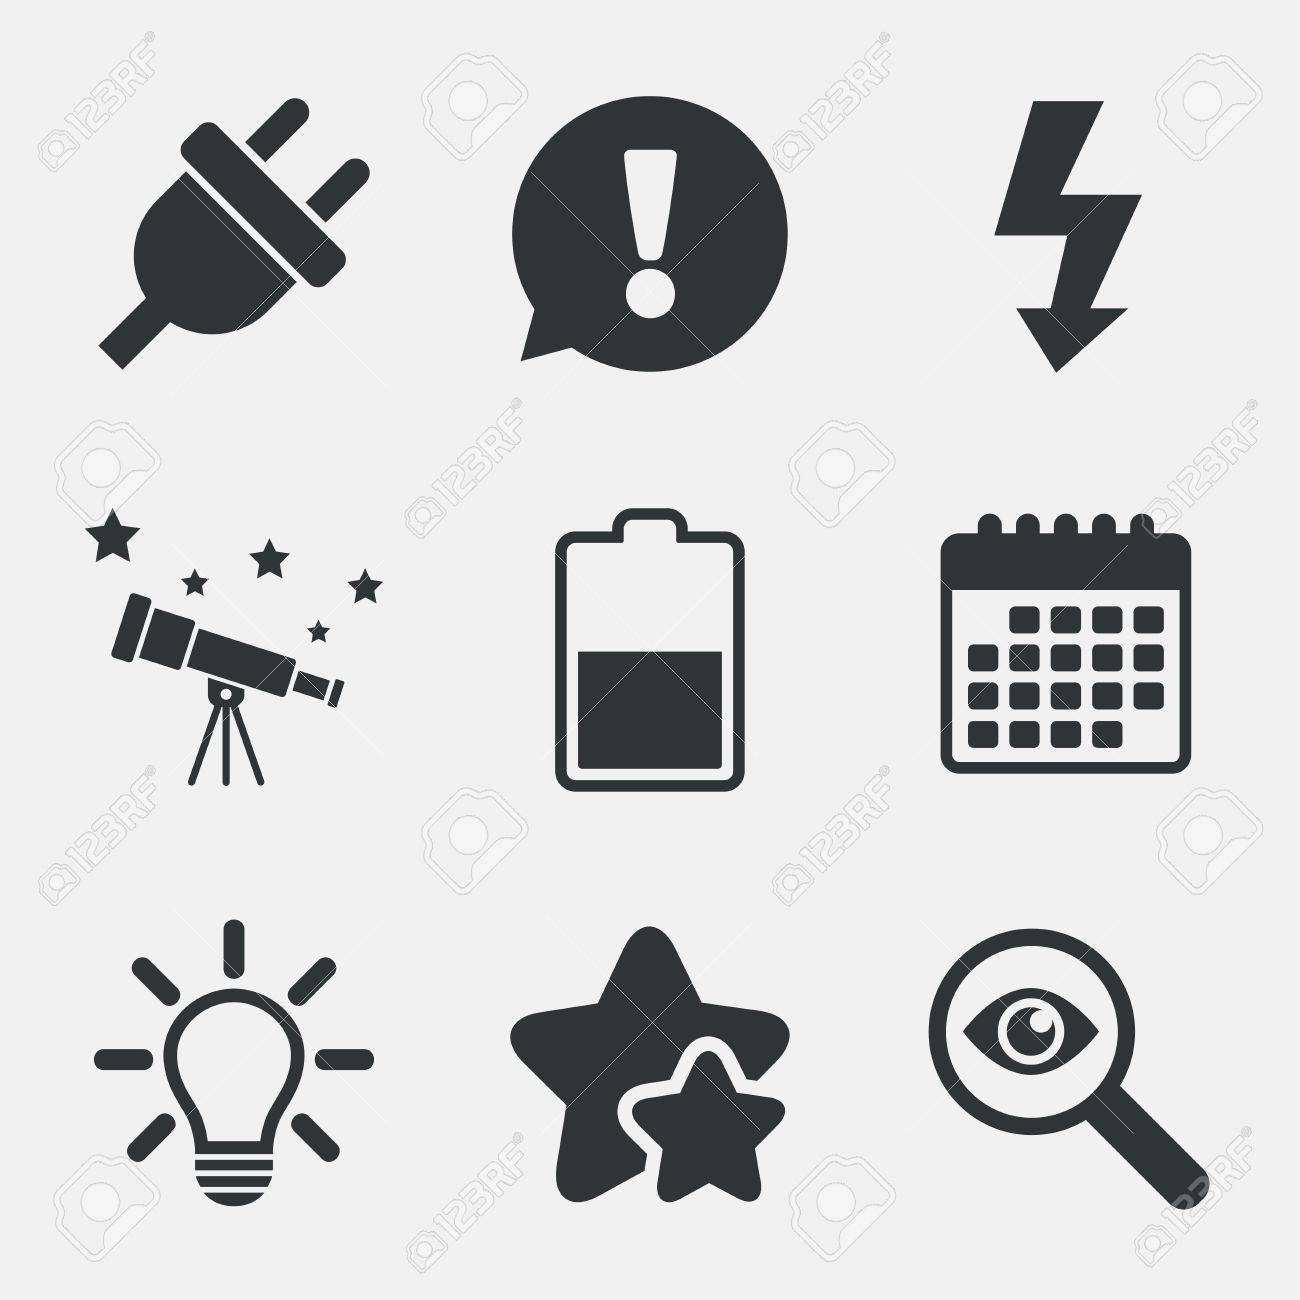 Ziemlich Licht Symbol Elektrisch Bilder - Schaltplan Serie Circuit ...